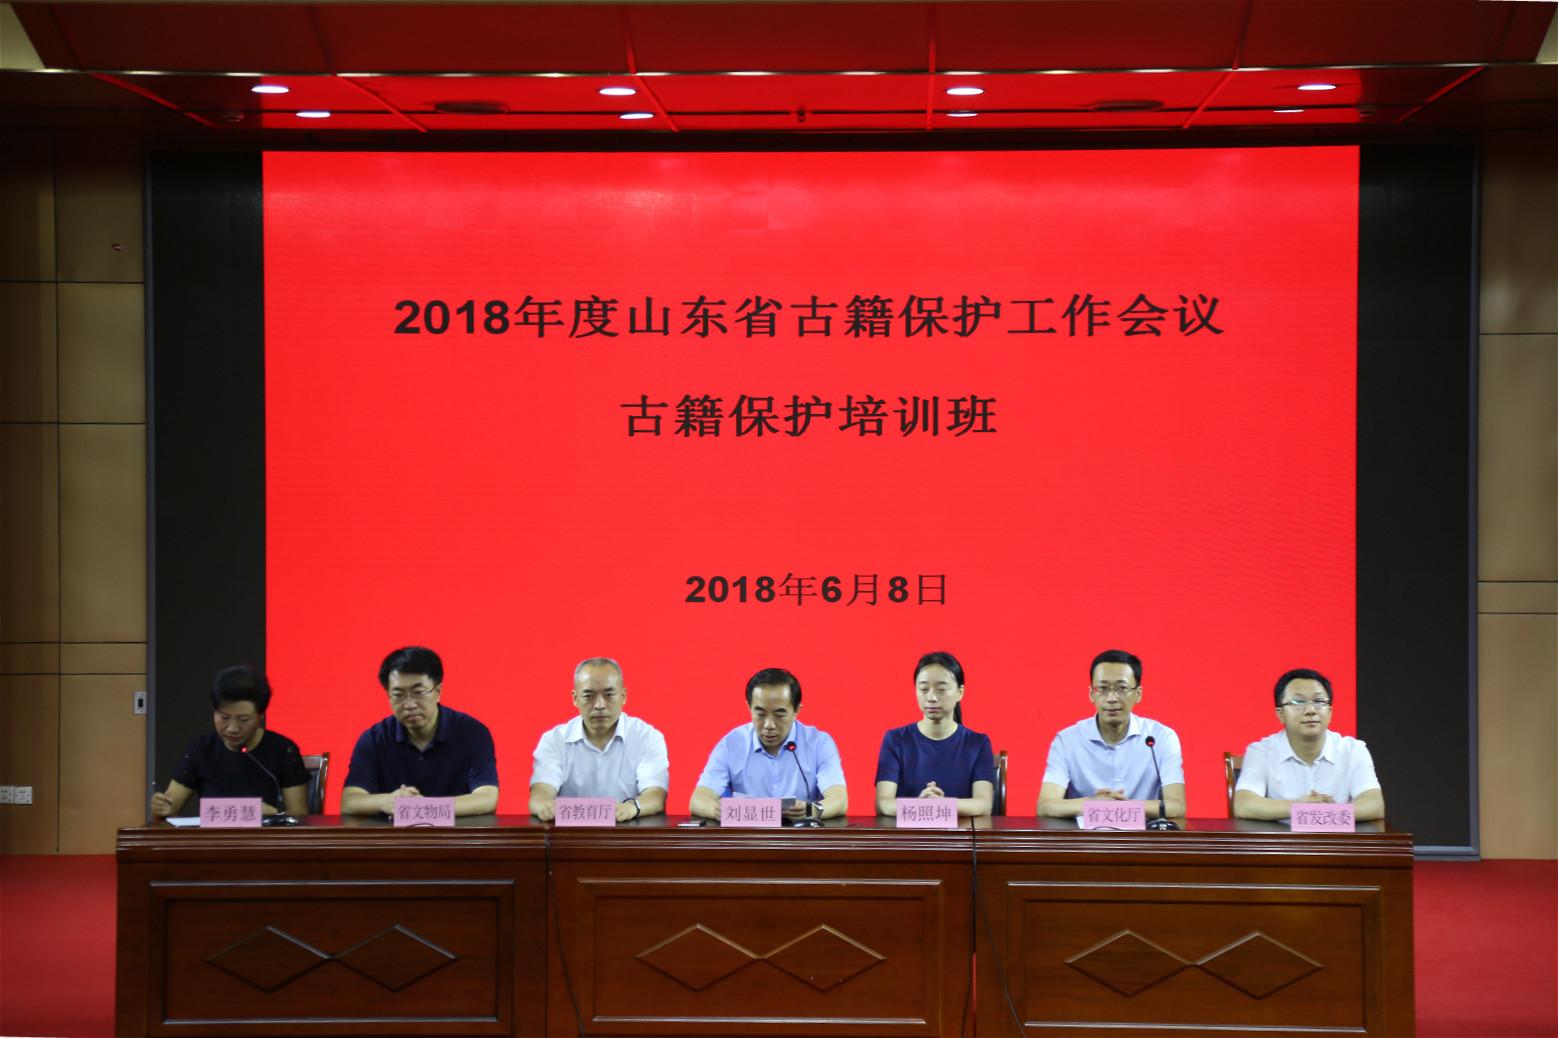 2018年山东省古籍保护工作会议召开